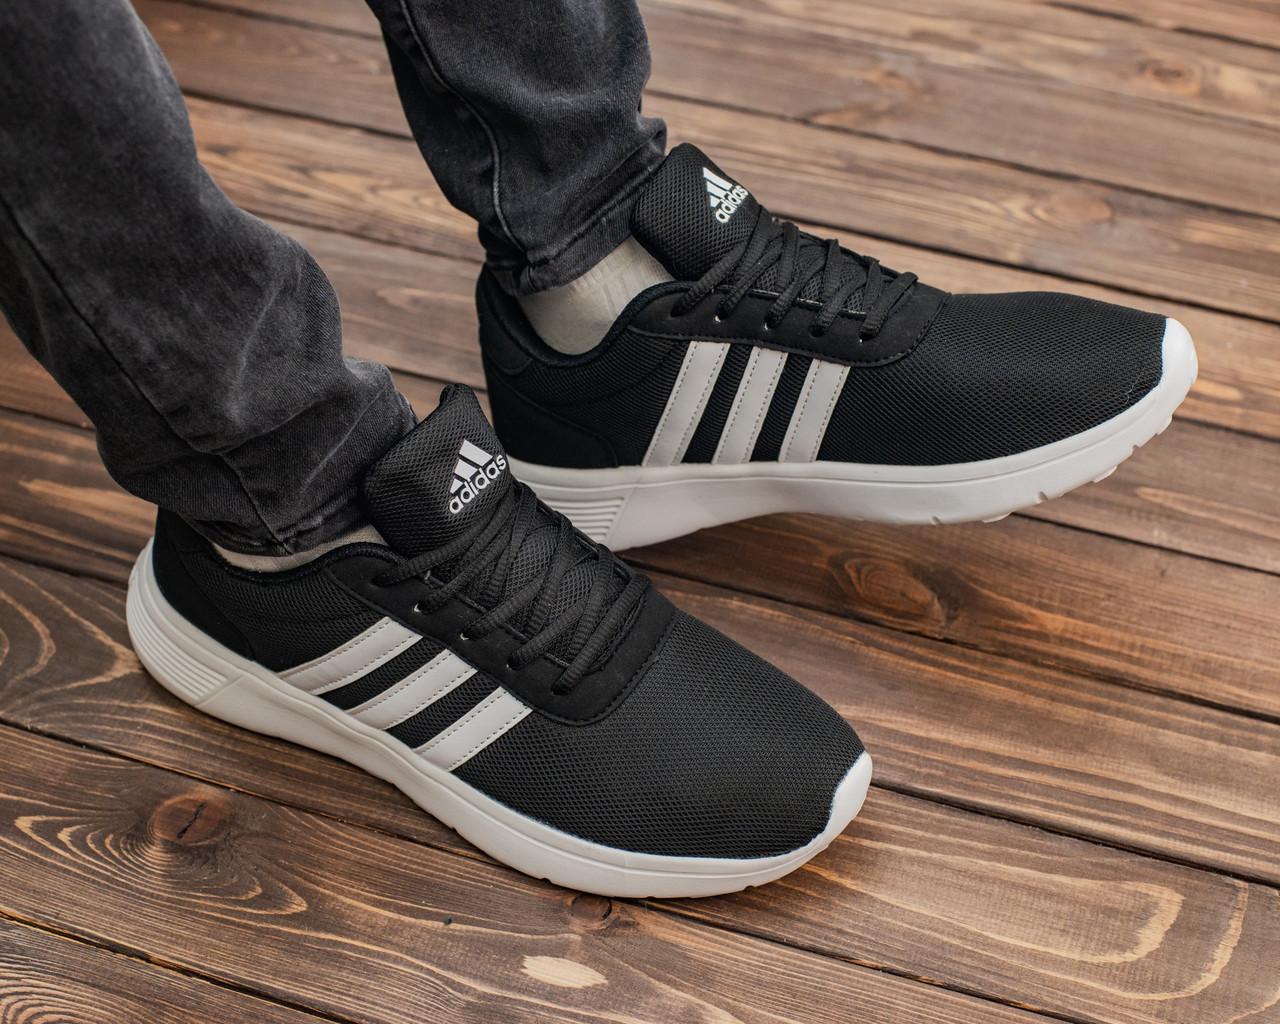 Мужские кроссовки Adidas Run 60s, мужские кроссовки адидас ран 60с, чоловічі кросівки Adidas Run 60s